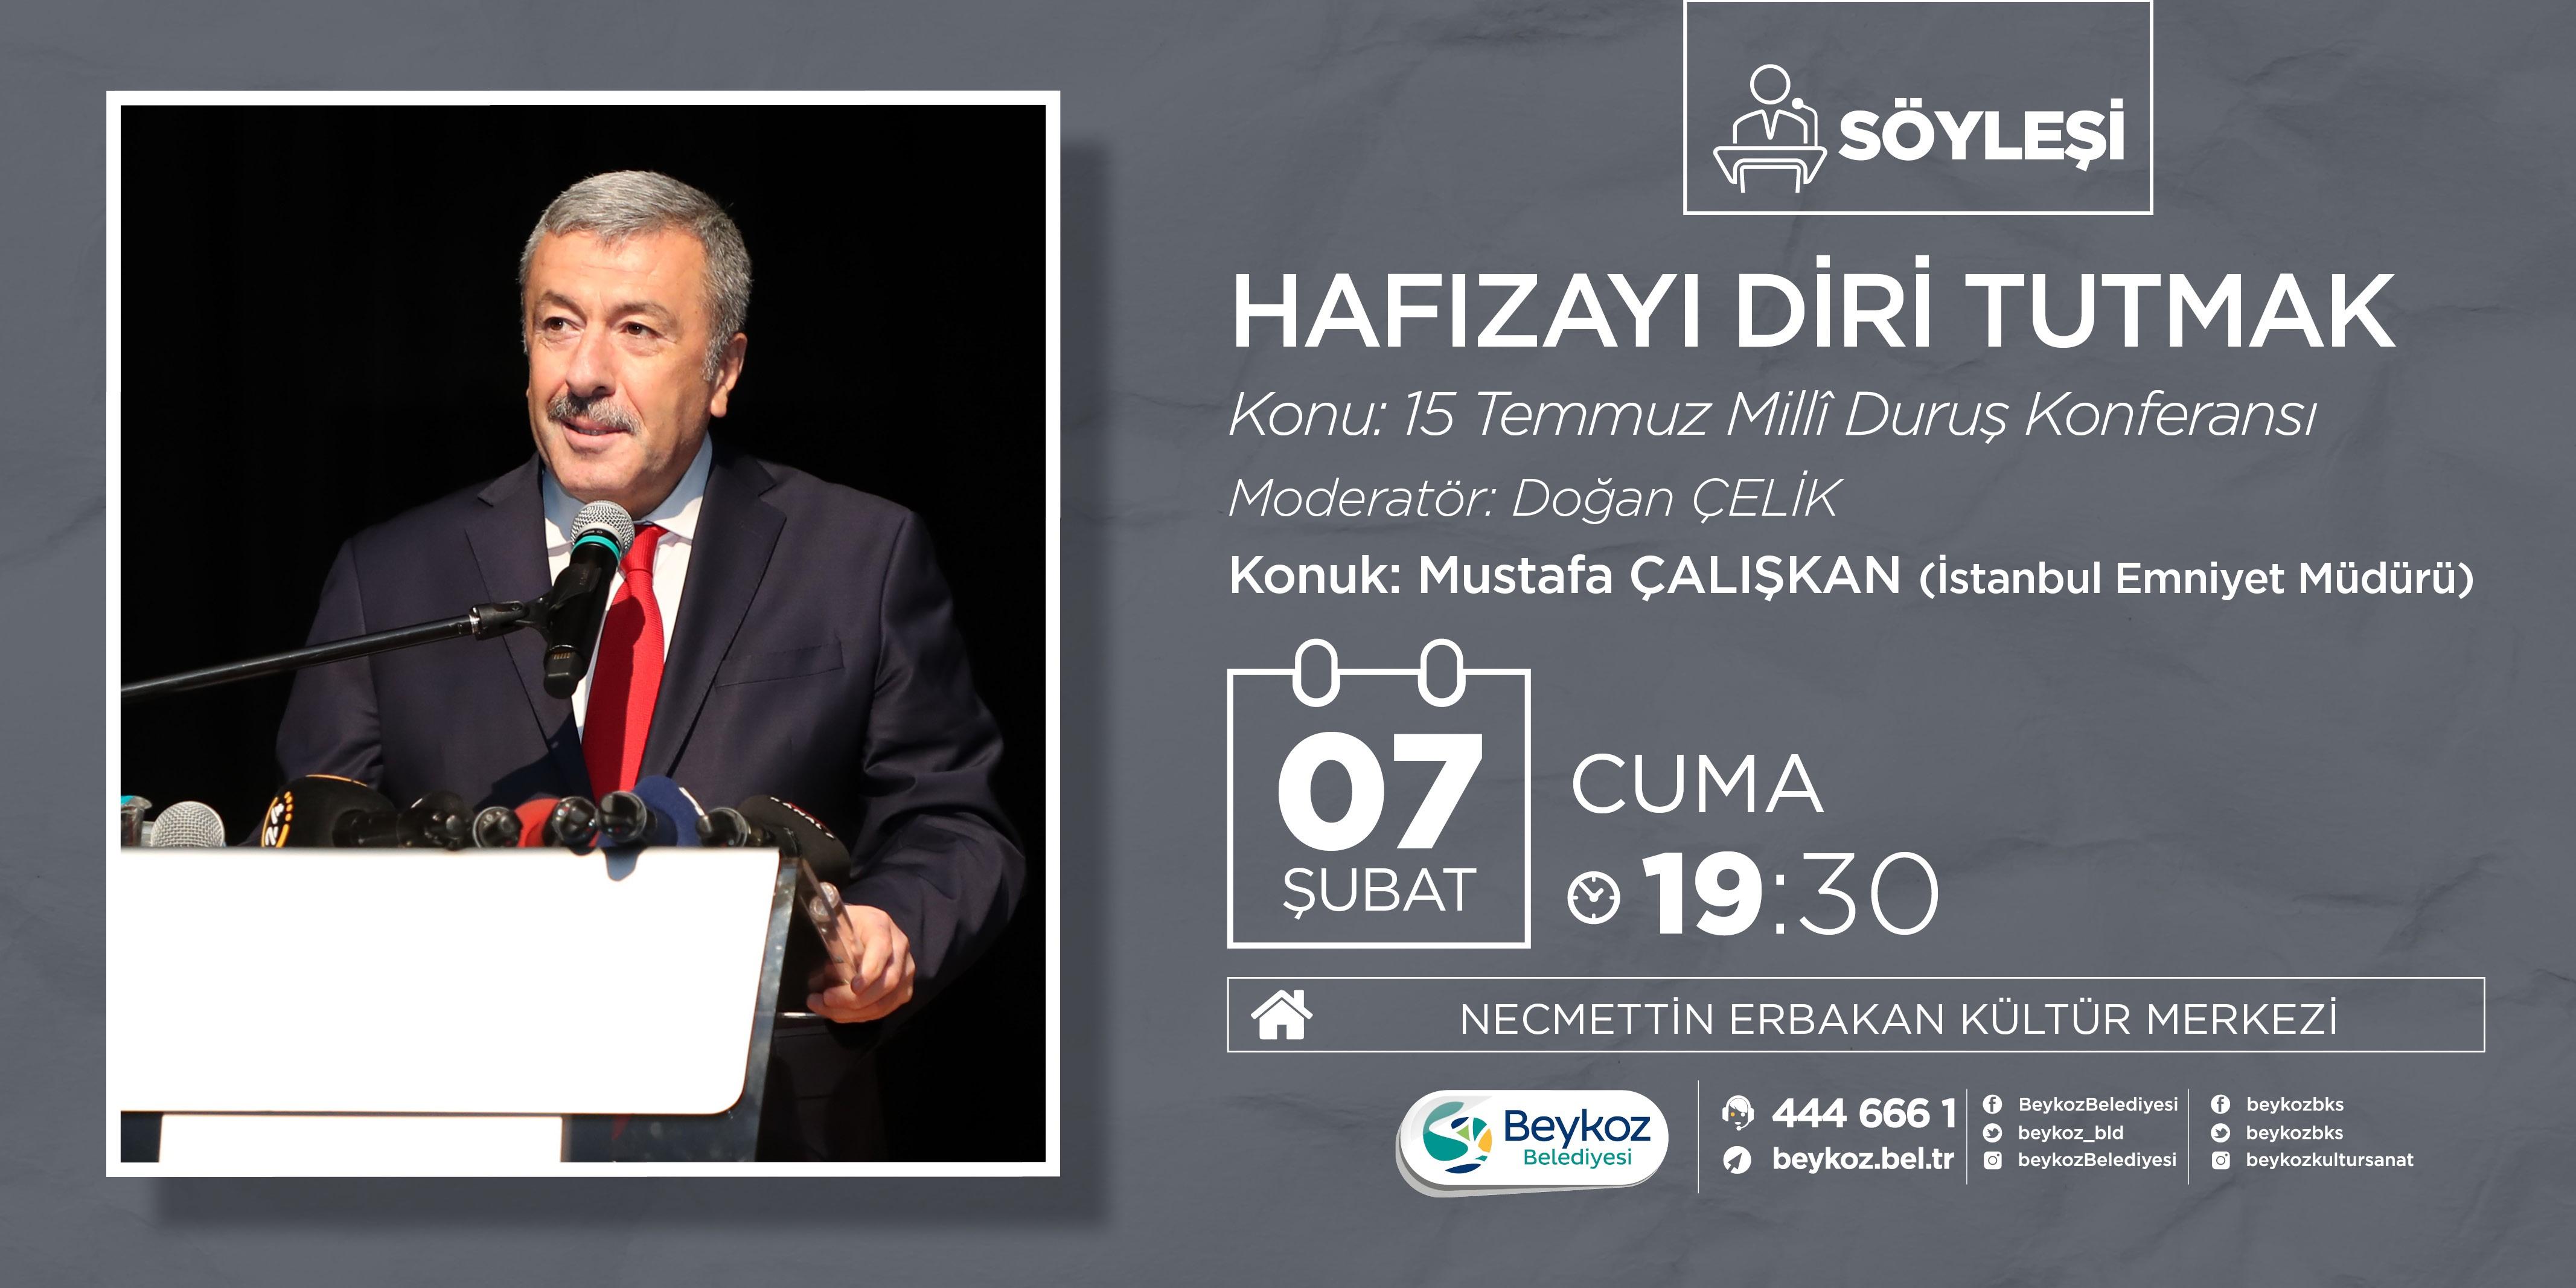 15 Temmuz Hafızası Mustafa Çalışkan'la Aydınlanıyor